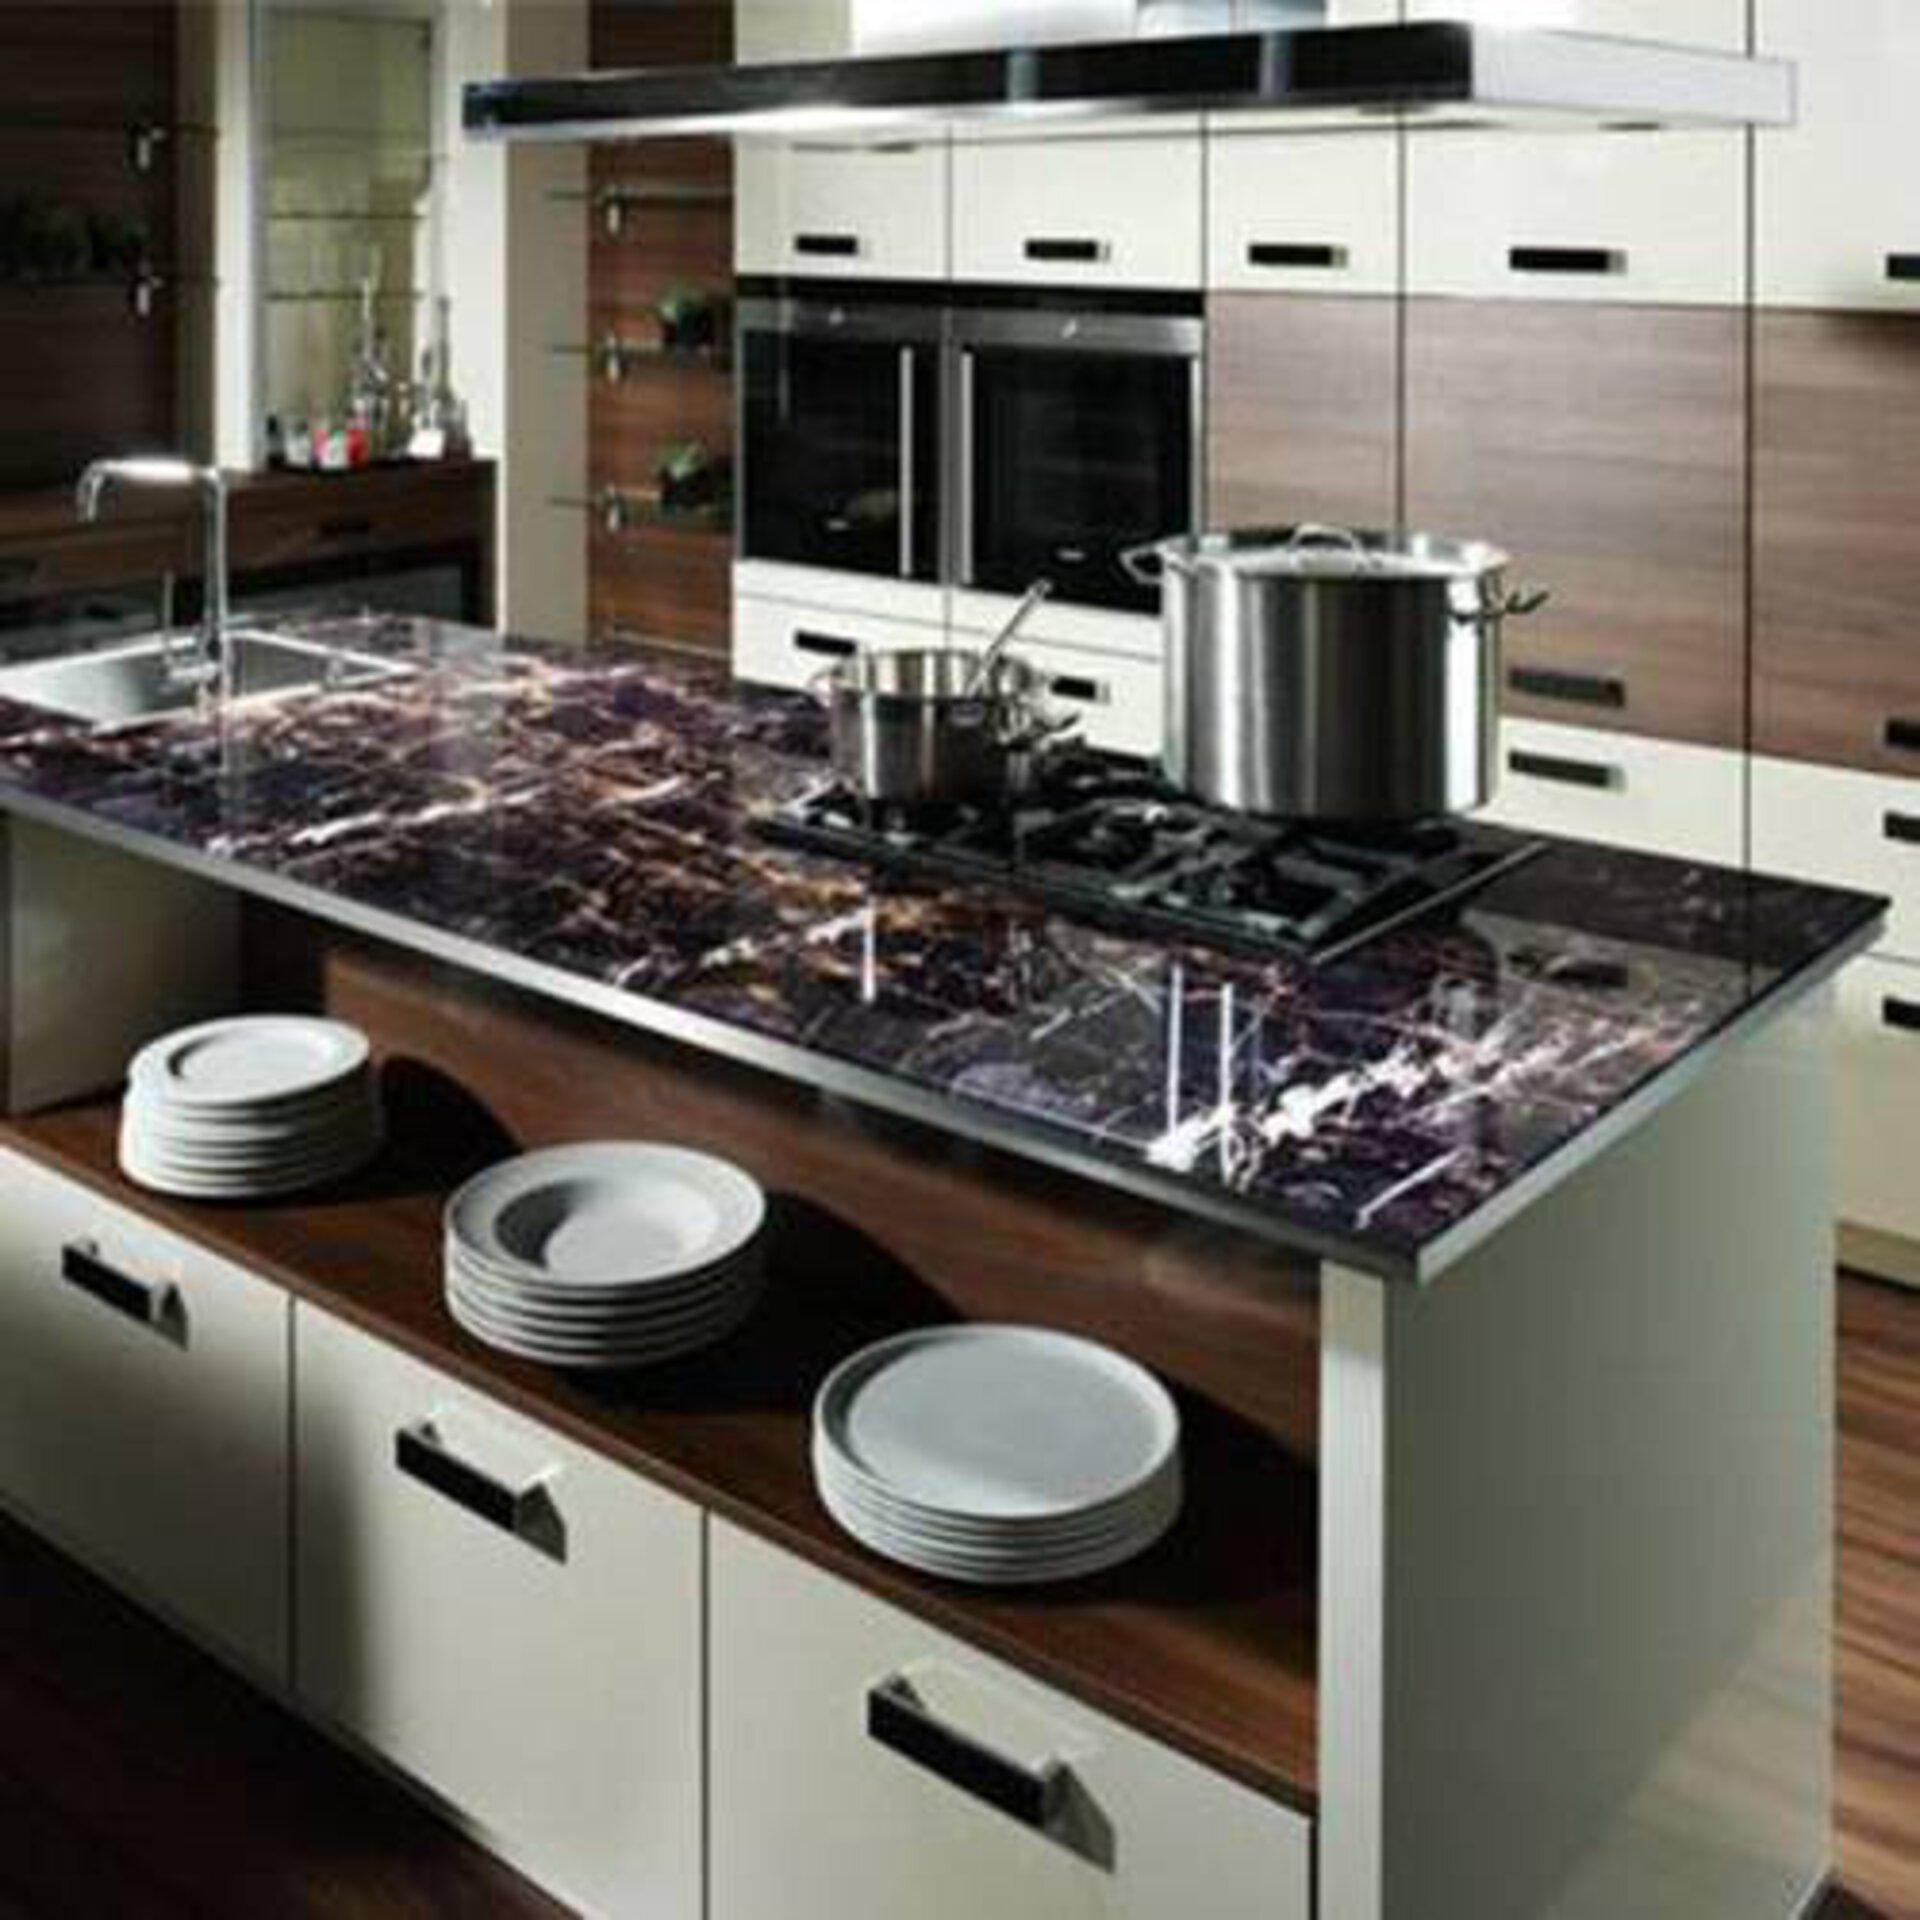 Millieubild für Arbeitsplatten aus Glas. Zu sehen ist eine moderne Kücheninsel mit marmorierter Arbeitsplatte in braun-rot Tonen mit weißen Einschlüssen.